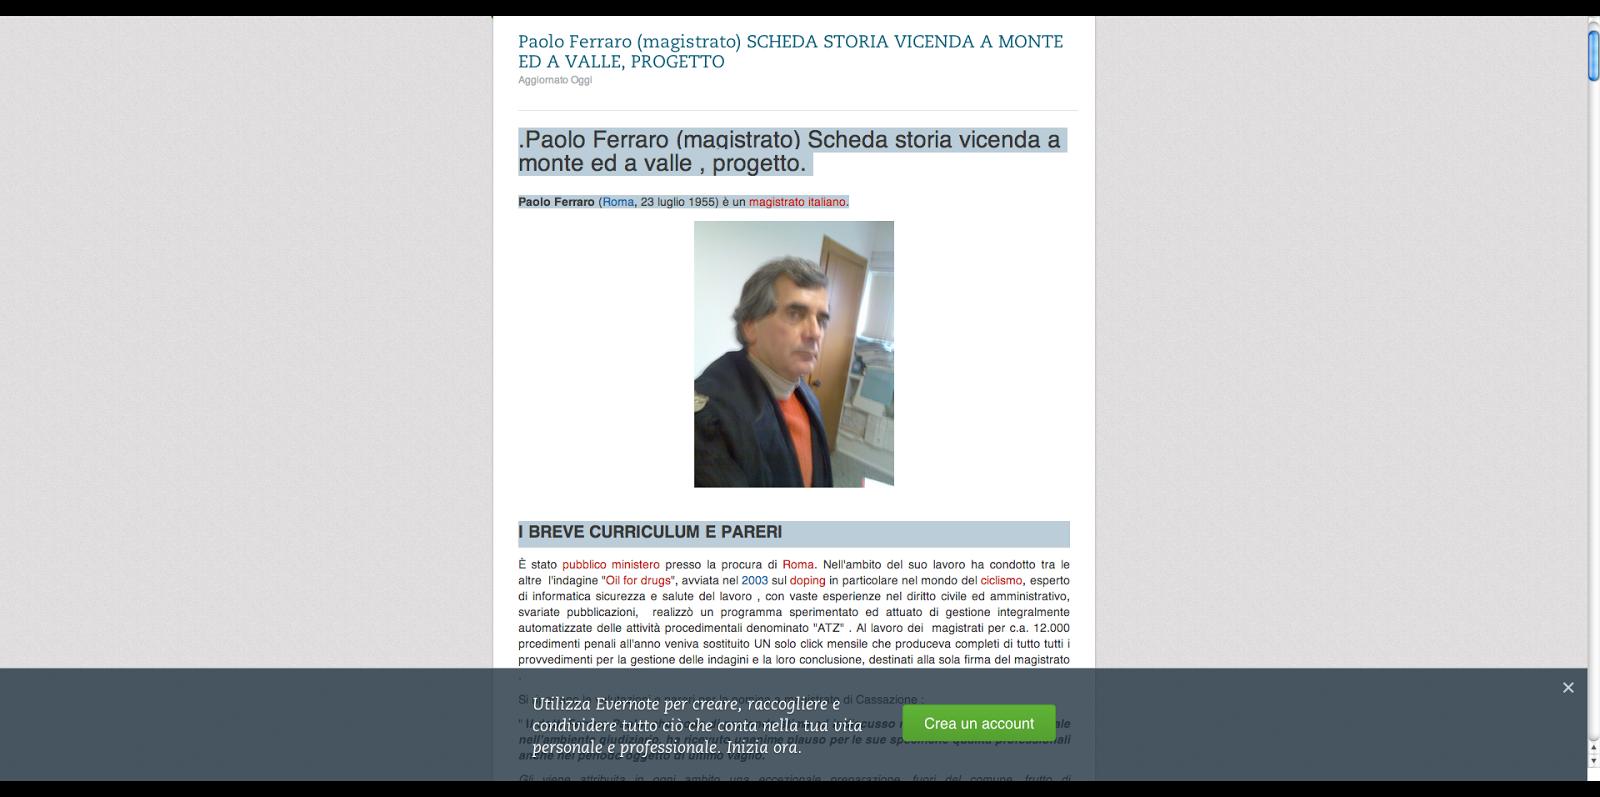 Paolo Ferraro (magistrato) SCHEDA  EVERNOTE